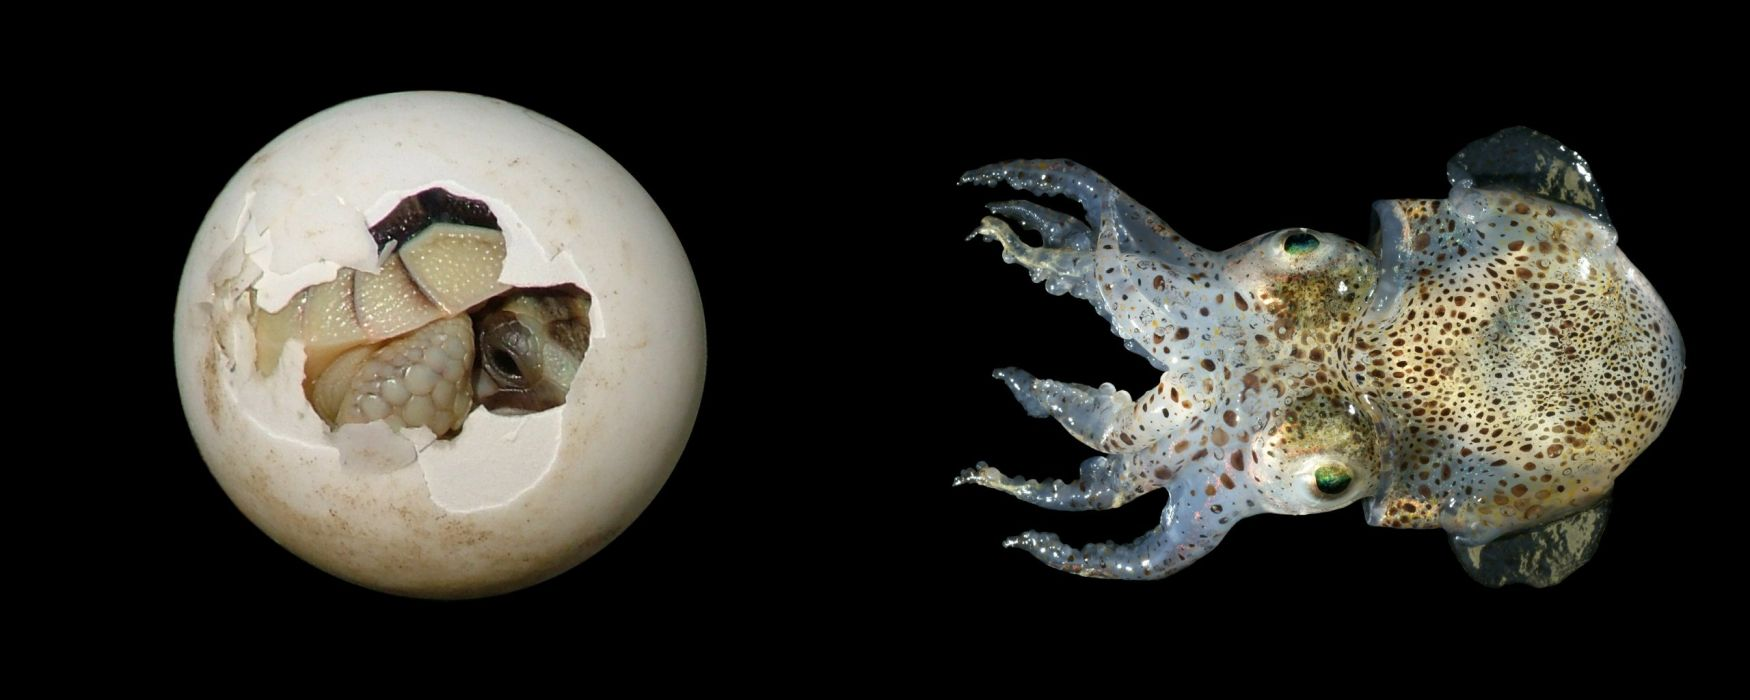 animals underwater wallpaper